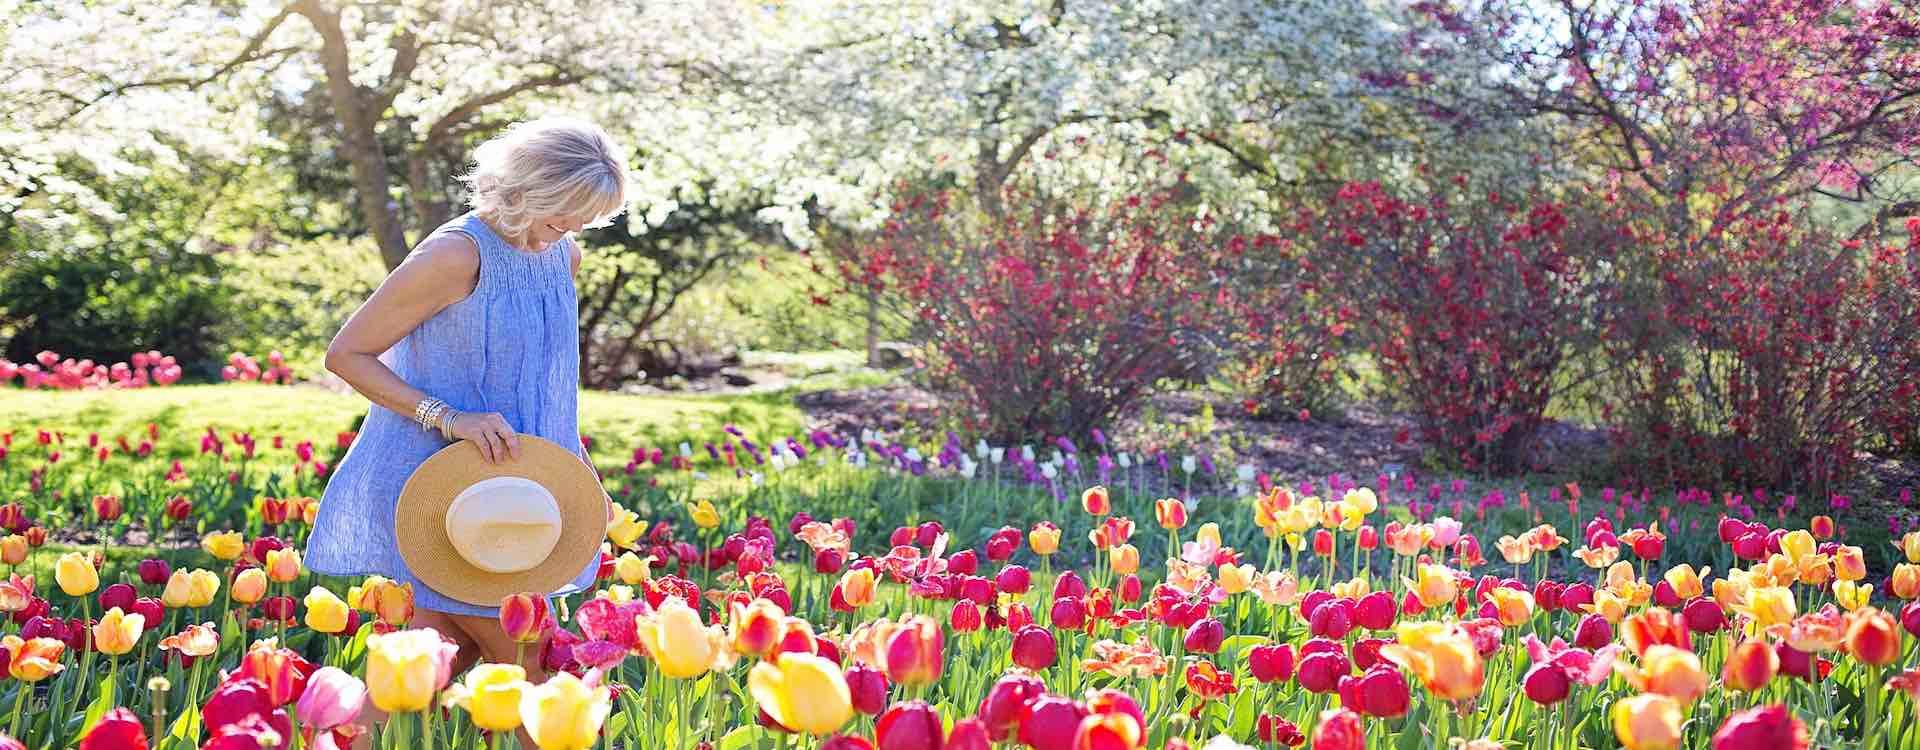 Gartenservice fuer privatkunden